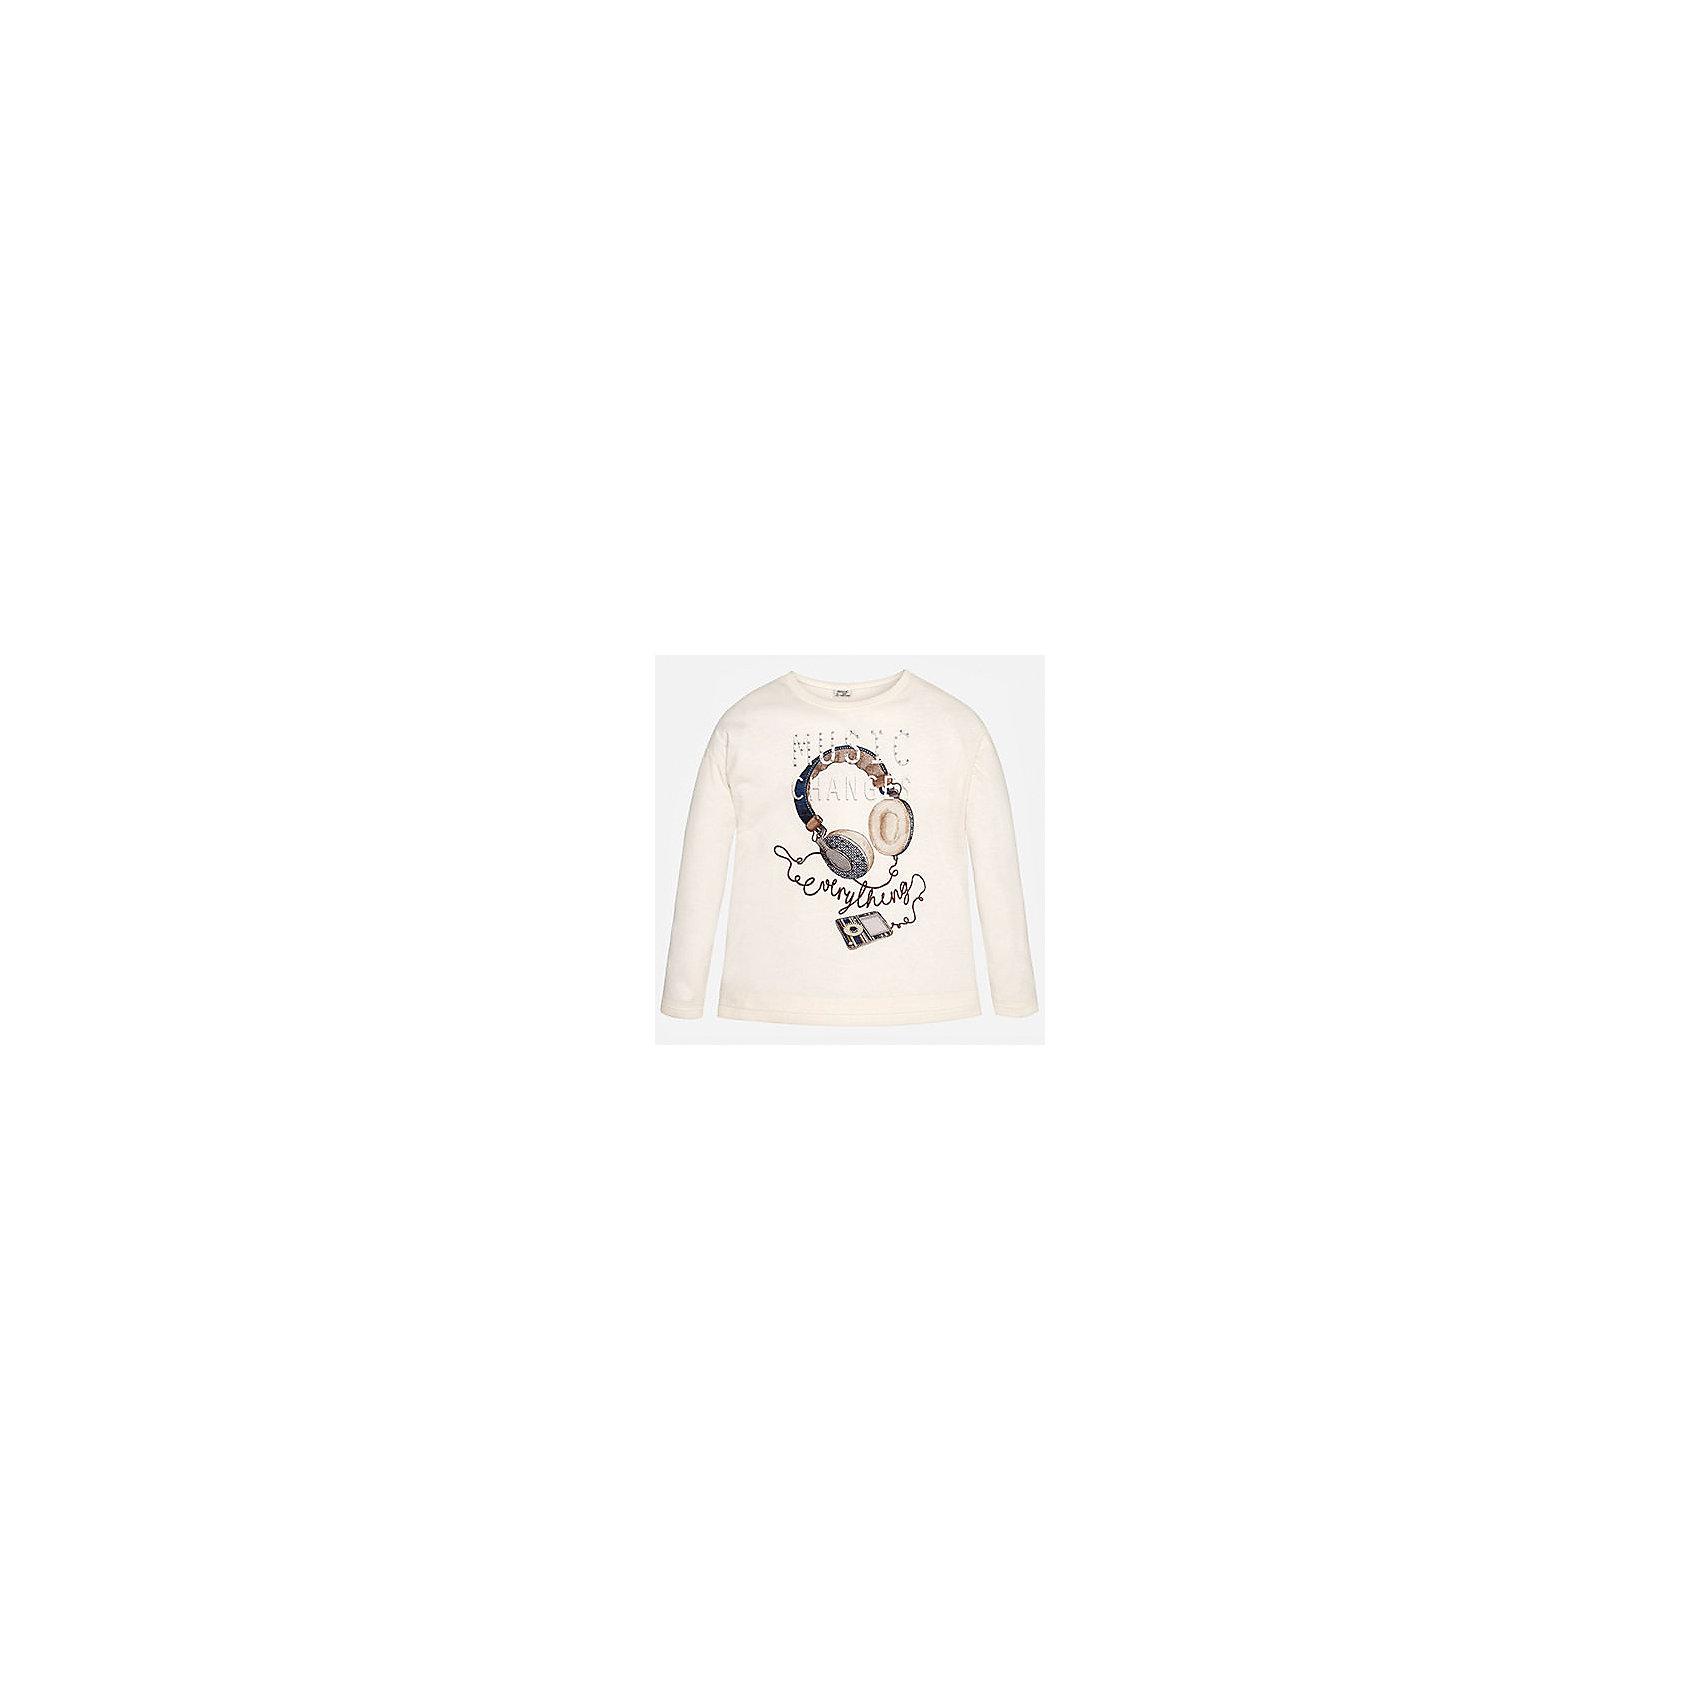 Футболка с длинным рукавом для девочки MayoralФутболки с длинным рукавом<br>Современная  футболка с длинным рукавом торговой марки    Майорал -Mayoral для девочек. Футболка с длинным рукавом, выполненная из хлопка и с добавлением полиэстера, декорирована принтом с изображением молодежных гатжетов. Резинка на подоле, воротнике и манжетах. В такой футболке Ваша девочка необычайно модной.<br><br>Дополнительная информация: <br><br>- цвет: молочный<br>- состав: хлопок 50%,  полиэстер:50%<br>- фактура материала: текстильный<br>- тип карманов: без карманов<br>- уход за вещами: бережная стирка при 30 градусах<br>- рисунок: с рисунком<br>- назначение: повседневная<br>- сезон: круглогодичный<br>- пол: девочки<br>- страна бренда: Испания<br>- комплектация: футболка<br><br>Футболку для девочки торговой марки Mayoral можно купить в нашем интернет-магазине.<br>Современная  футболка с длинным рукавом торговой марки    Майорал -Mayoral для девочек. Футболка с длинным рукавом, выполненная из хлопка и с добавлением полиэстера, декорирована принтом с изображением молодежных гатжетов. Резинка на подоле, воротнике и манжетах. В такой футболке Ваша девочка необычайно модной.<br><br>Дополнительная информация: <br><br>- цвет: молочный<br>- состав: хлопок 50%,  полиэстер:50%<br>- фактура материала: текстильный<br>- тип карманов: без карманов<br>- уход за вещами: бережная стирка при 30 градусах<br>- рисунок: с рисунком<br>- назначение: повседневная<br>- сезон: круглогодичный<br>- пол: девочки<br>- страна бренда: Испания<br>- комплектация: футболка<br><br>Футболку для девочки торговой марки Mayoral можно купить в нашем интернет-магазине.<br><br>Ширина мм: 199<br>Глубина мм: 10<br>Высота мм: 161<br>Вес г: 151<br>Цвет: белый<br>Возраст от месяцев: 96<br>Возраст до месяцев: 108<br>Пол: Женский<br>Возраст: Детский<br>Размер: 128/134,164/170,146/152,134/140,158/164,152/158<br>SKU: 4847082